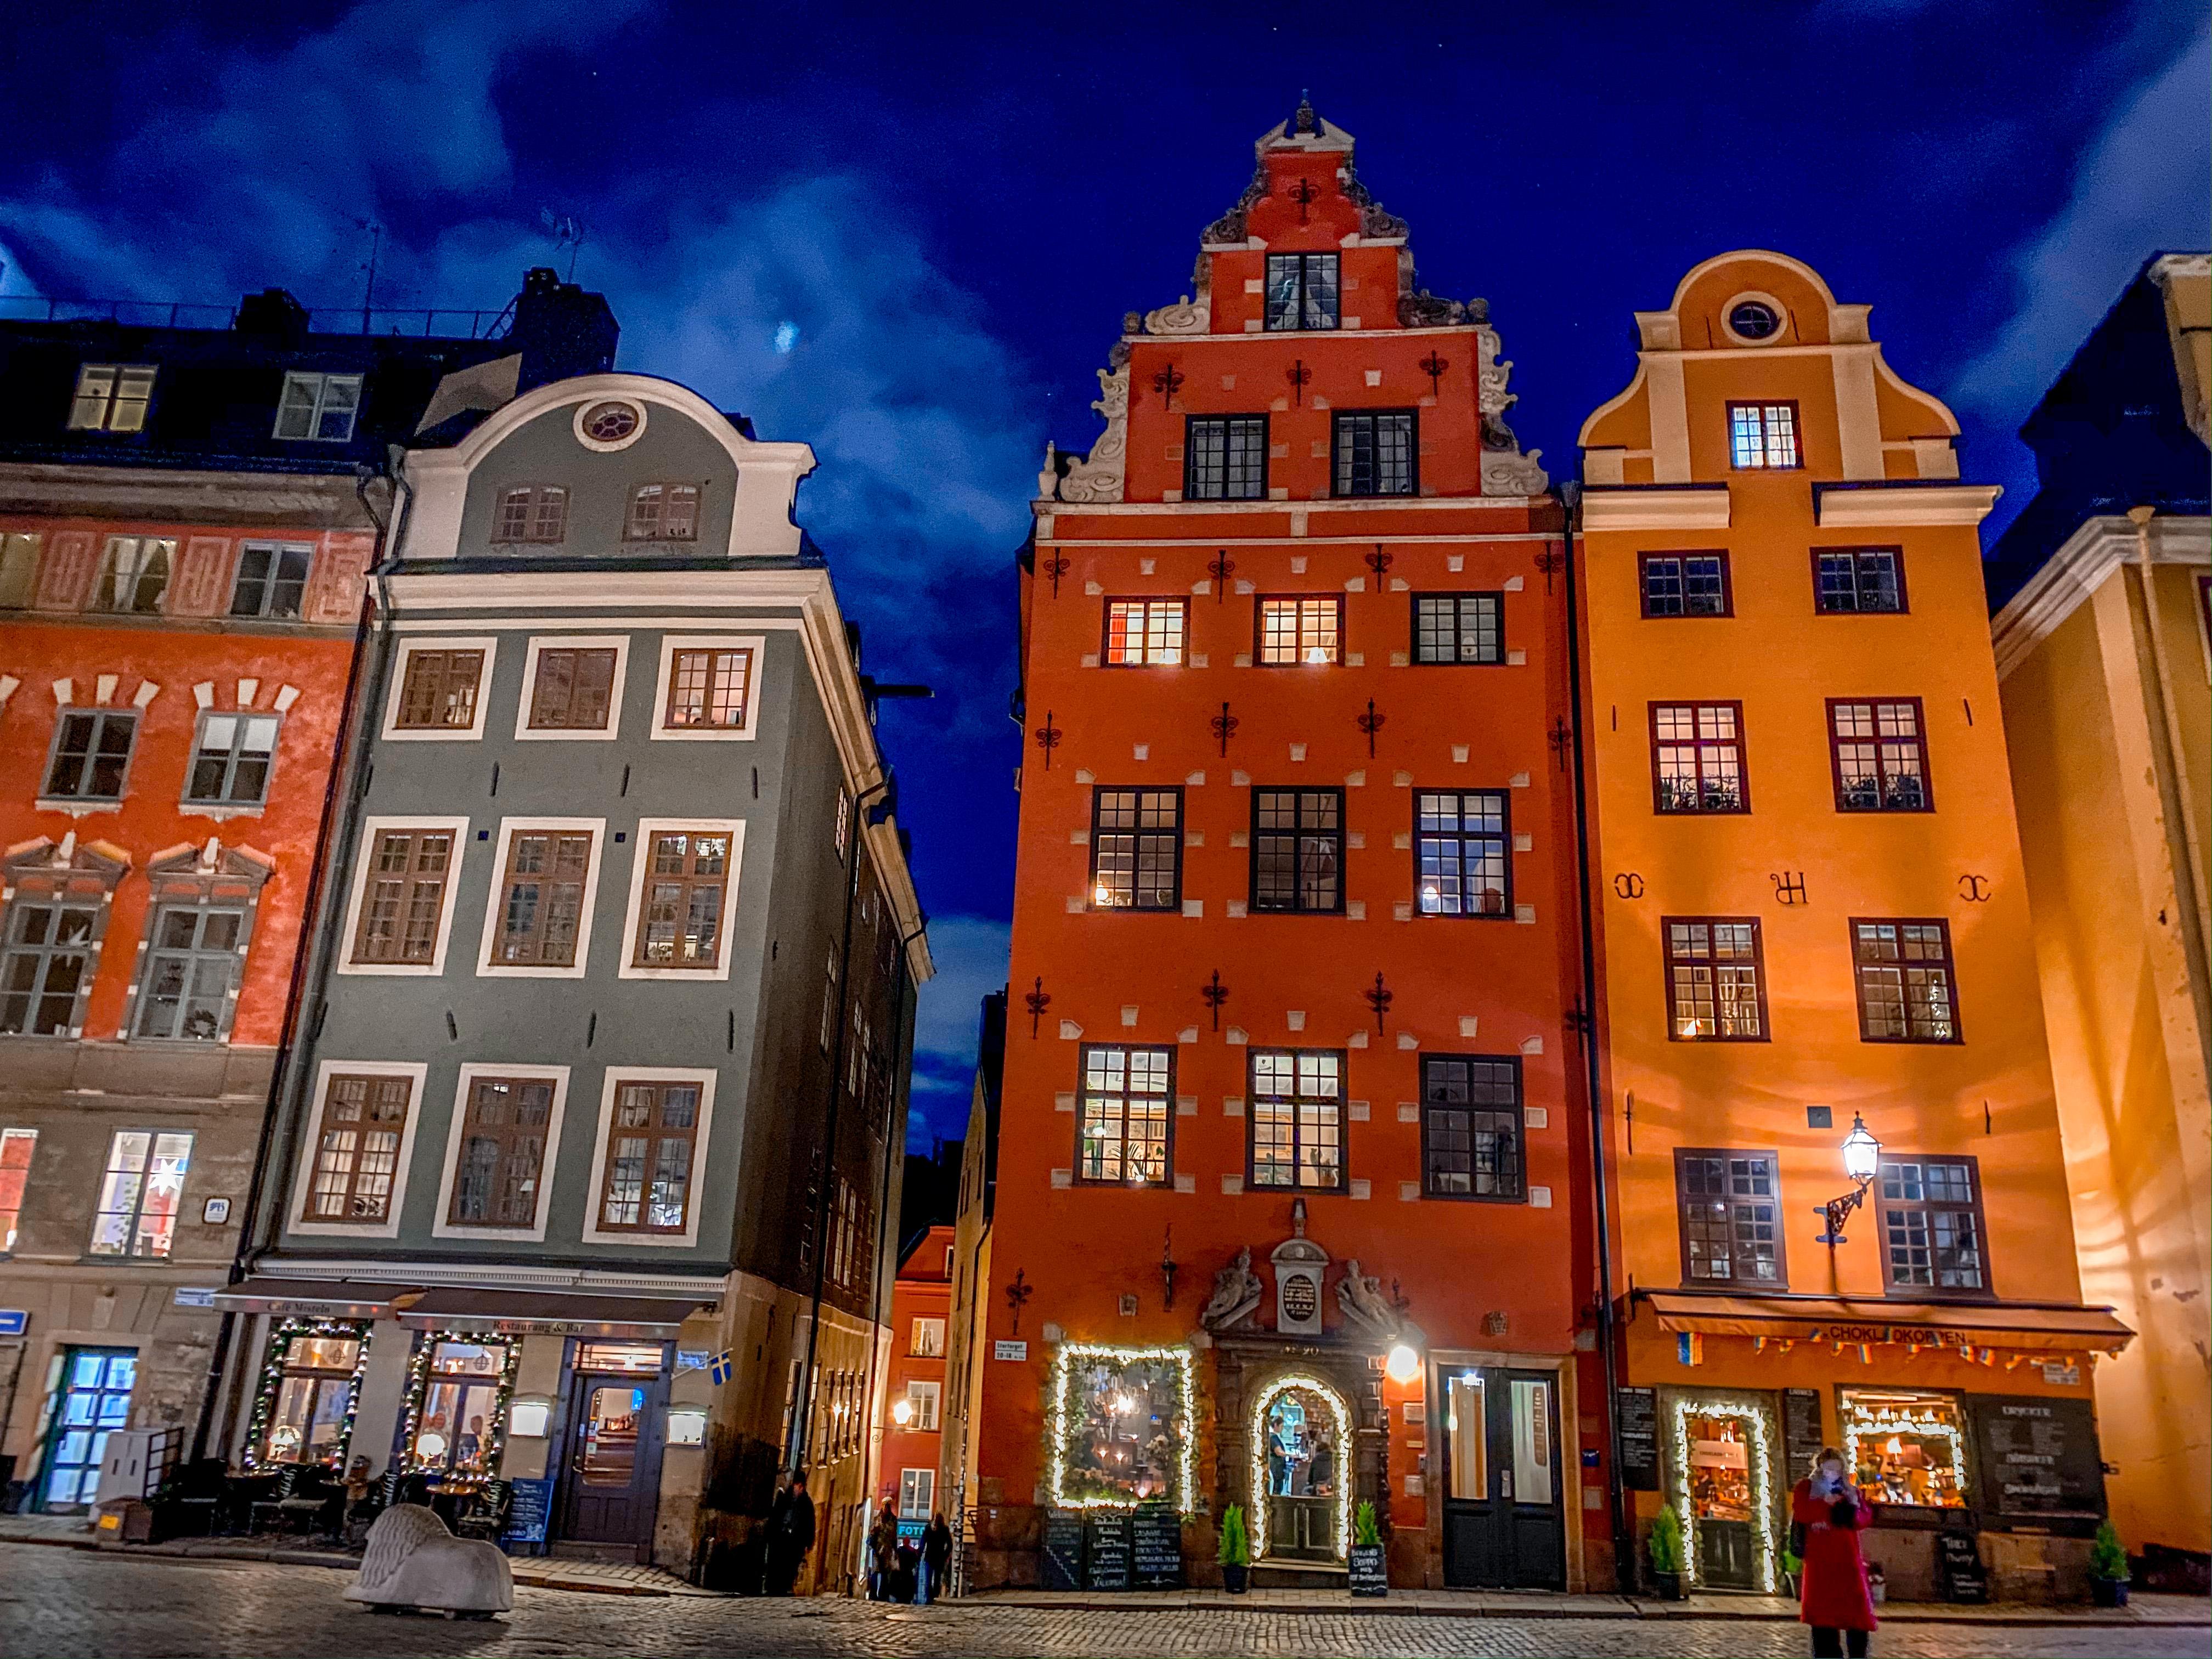 ကျွန်းတွေပေါ်က ဆွီဒင်မြို့တော် စတော့ဟုမ်း